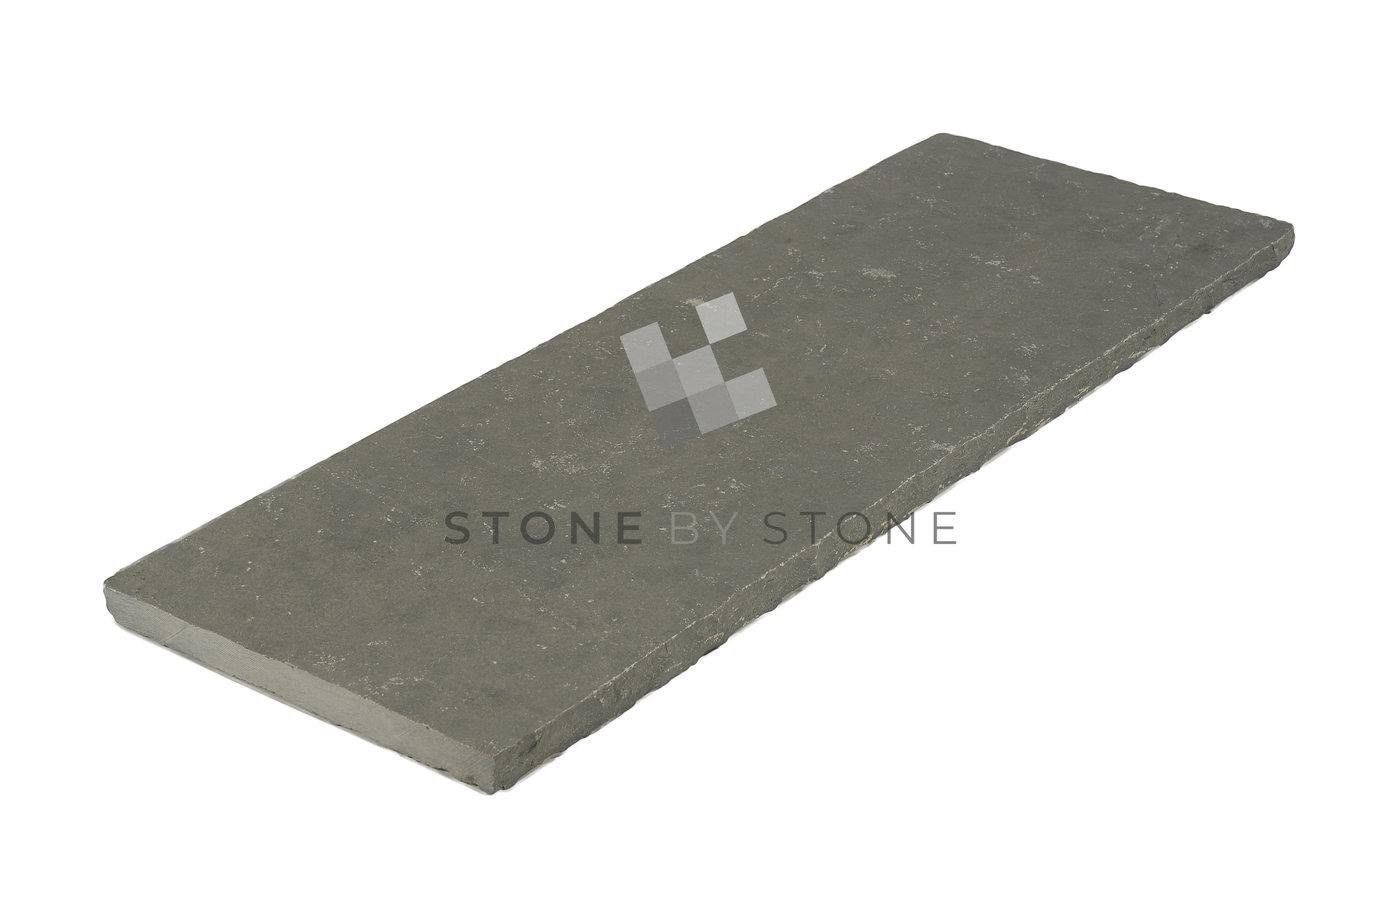 Margelle de piscine en pierre calcaire des indes bord cliv for Bord de piscine en pierre